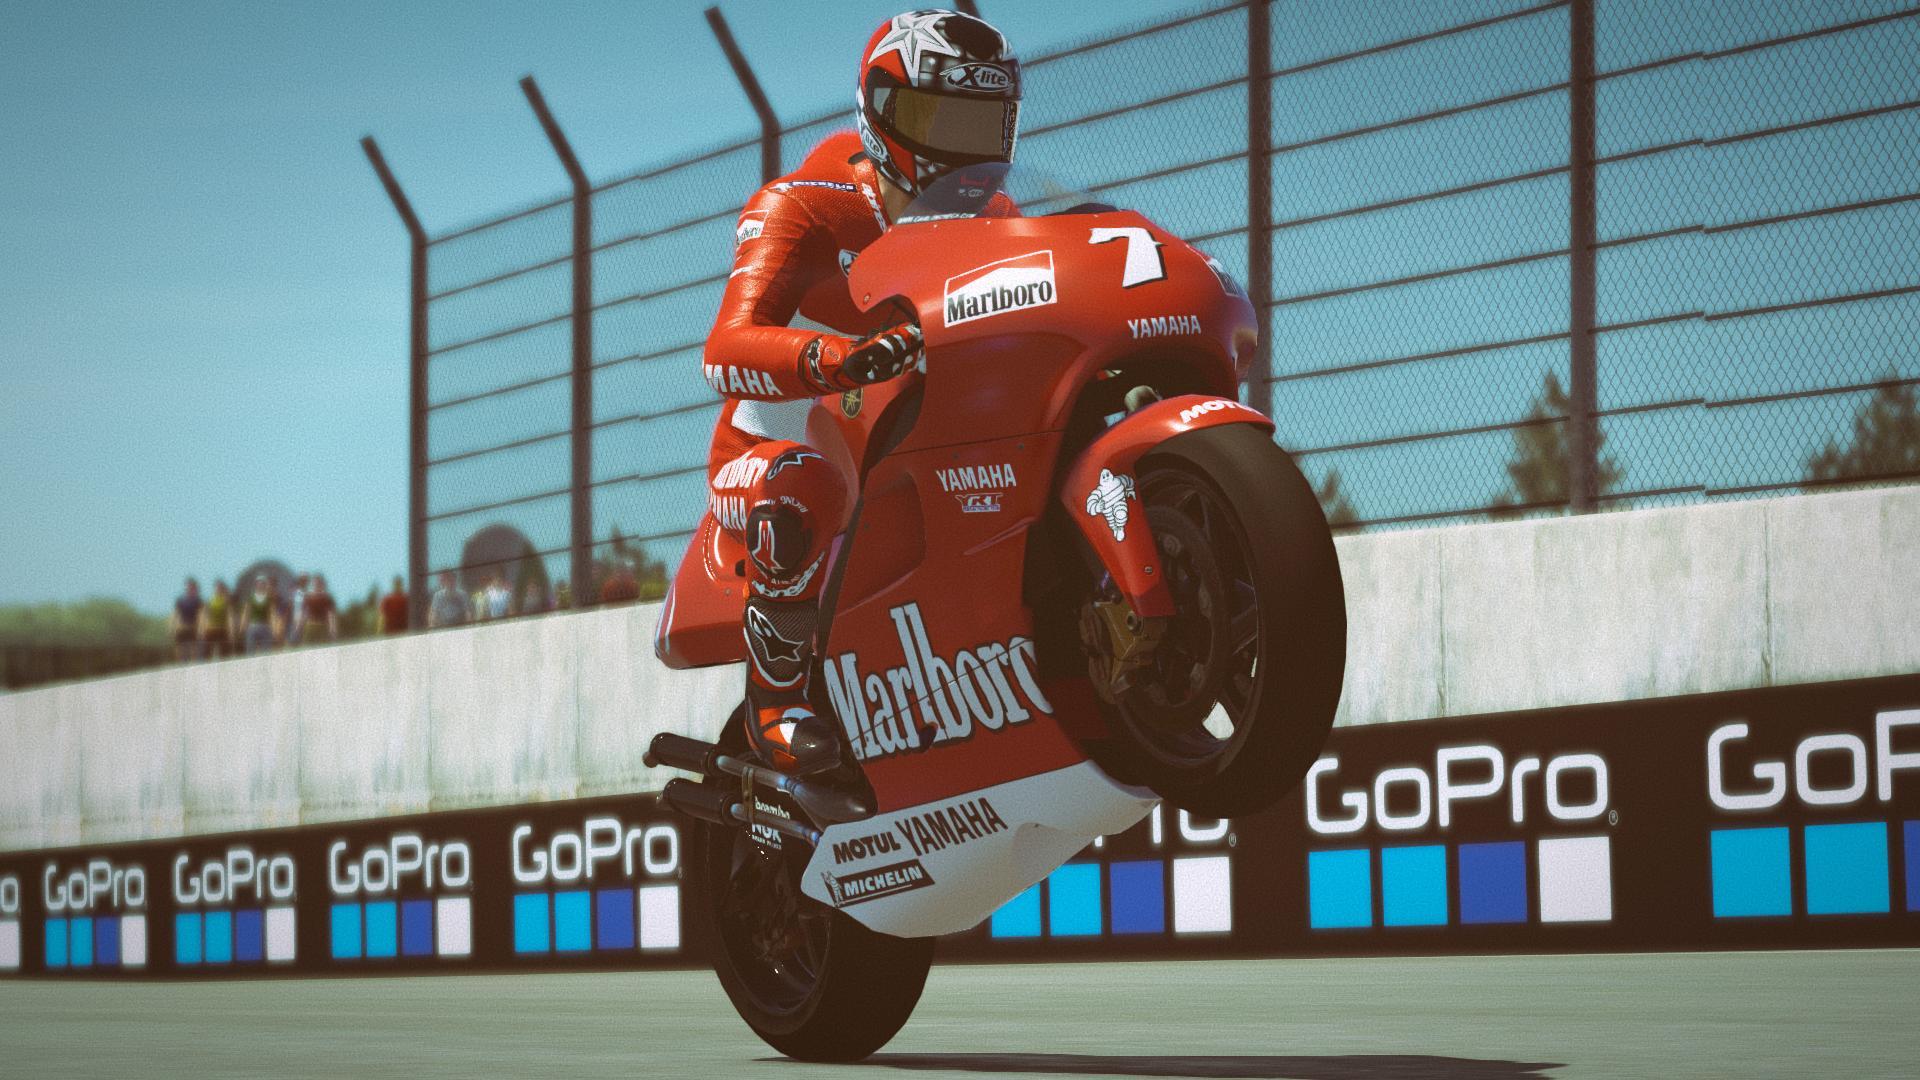 MotoGP17 2017-07-01 23-44-24-16.jpg